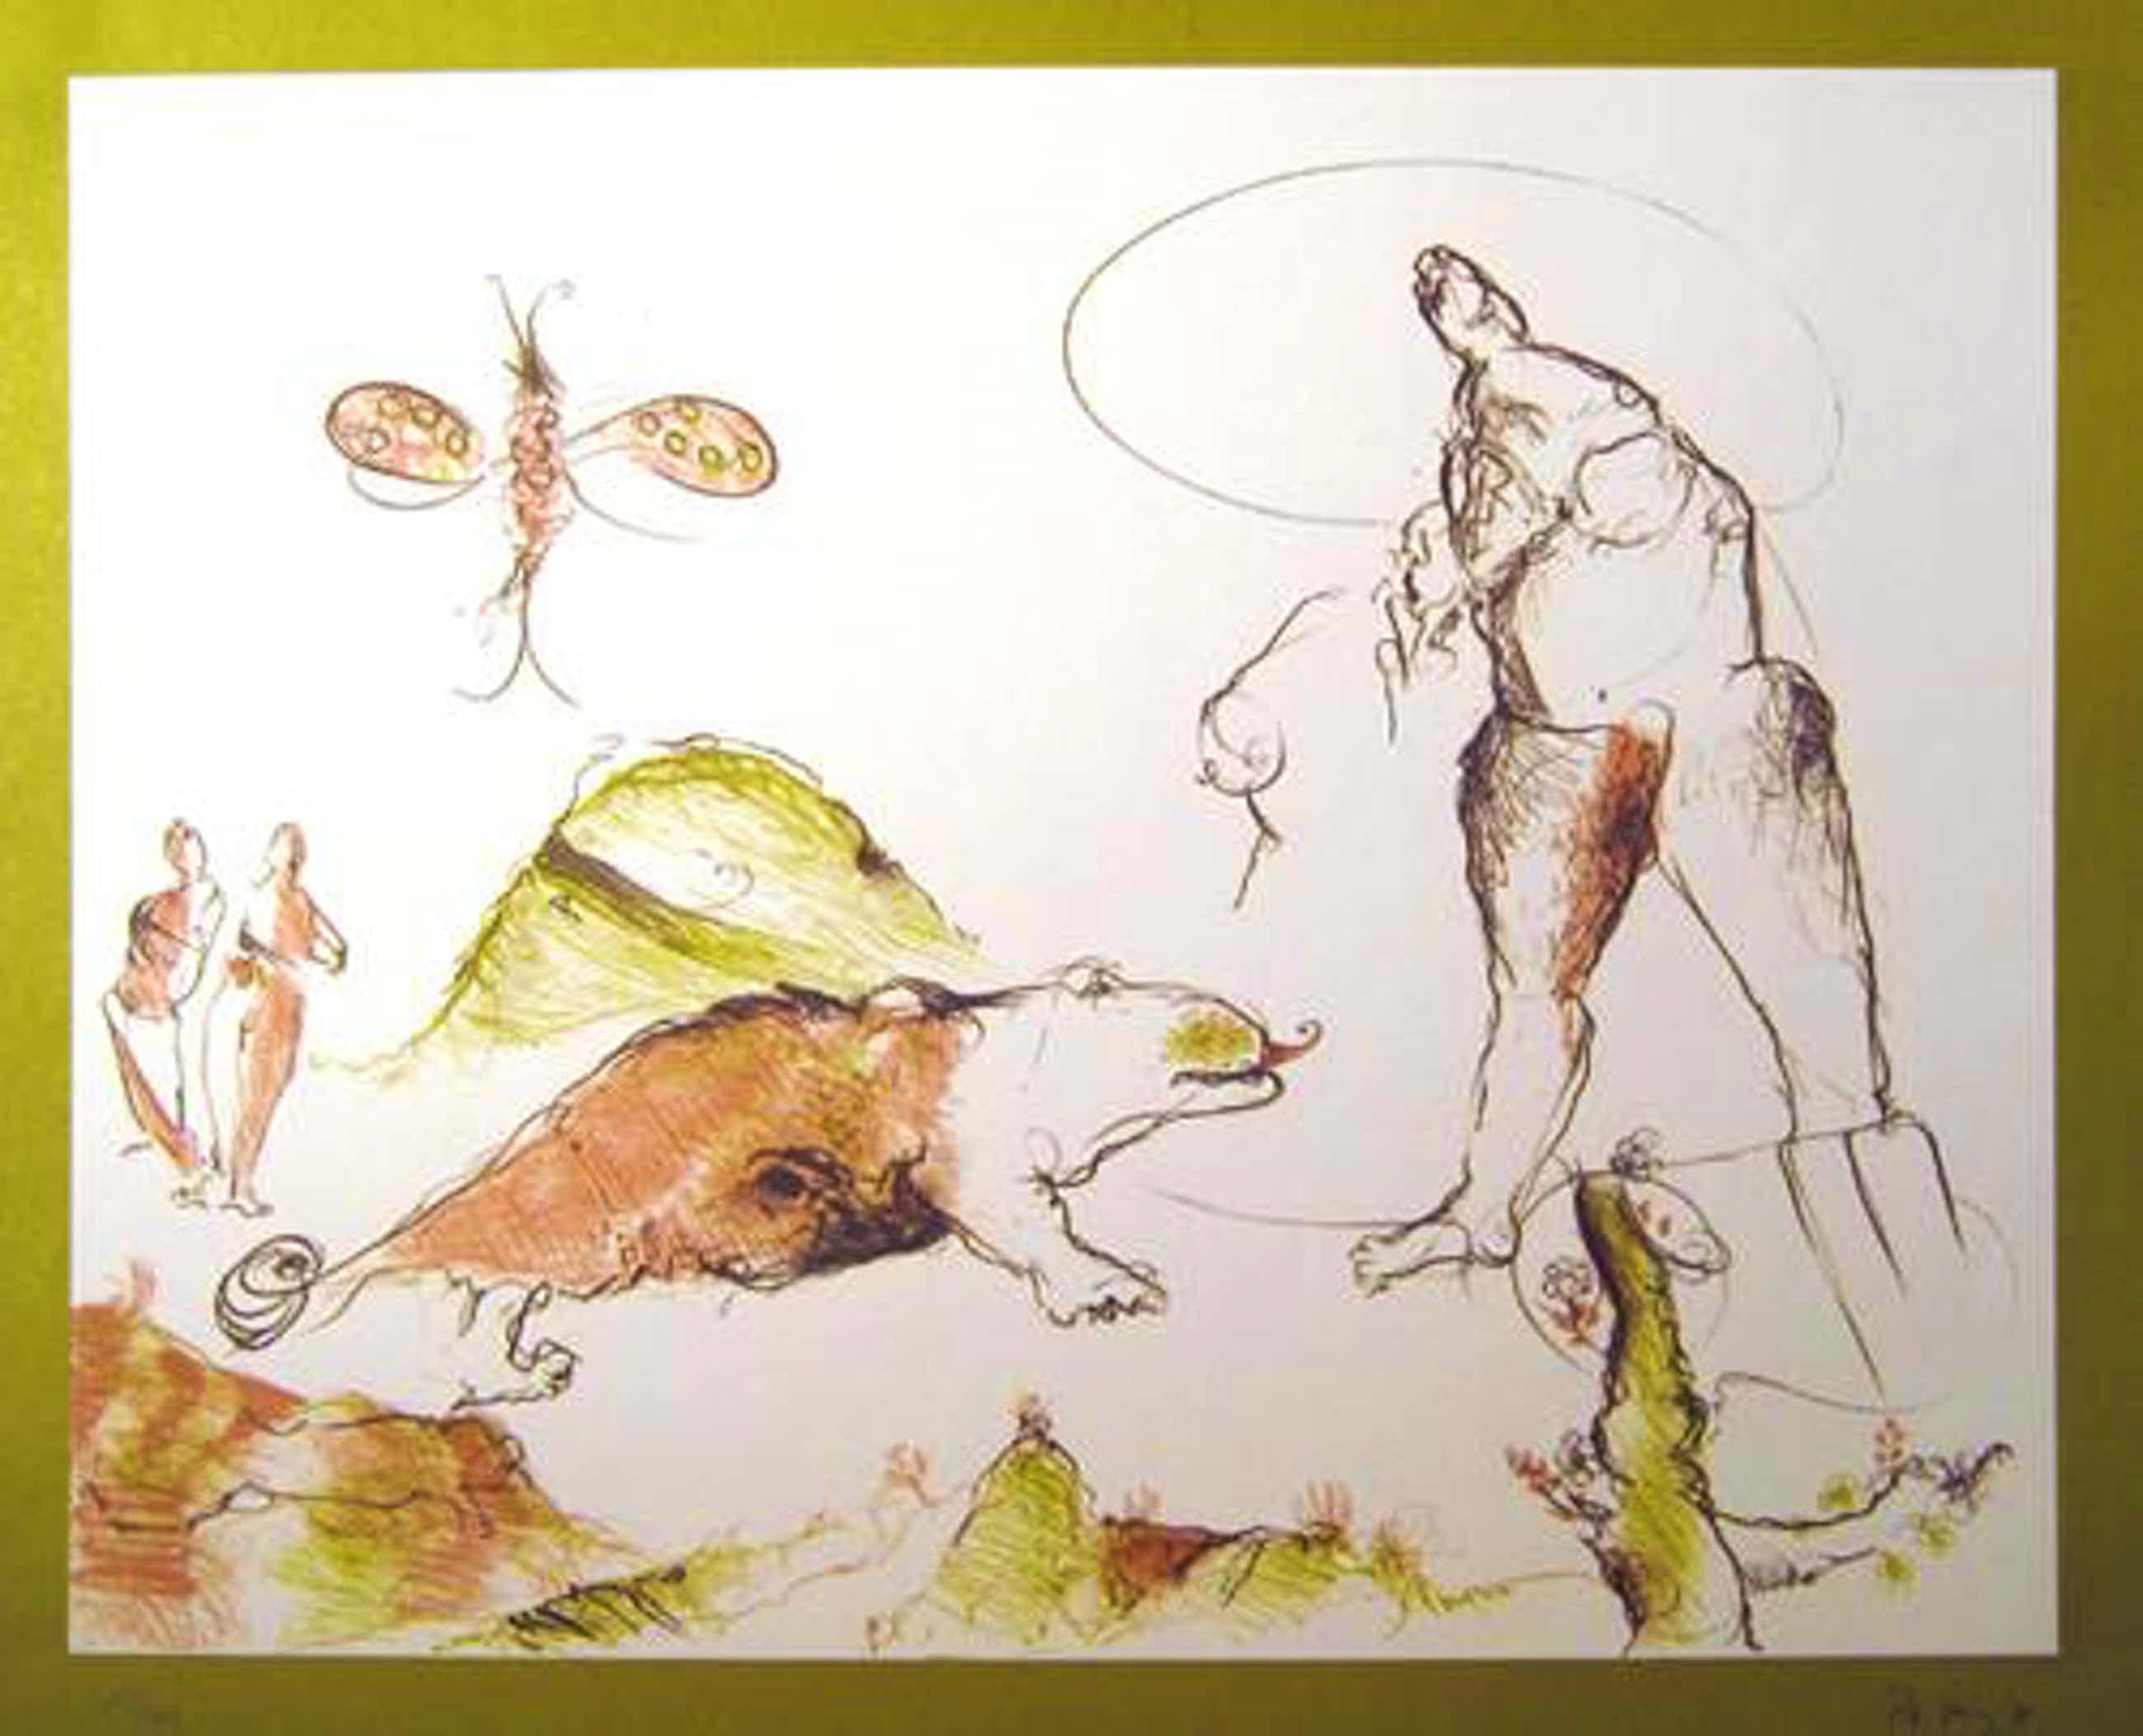 Pitt Moog - Kreatur und Reptil, Farboffsetlithografie, 1978, signiert kopen? Bied vanaf 60!